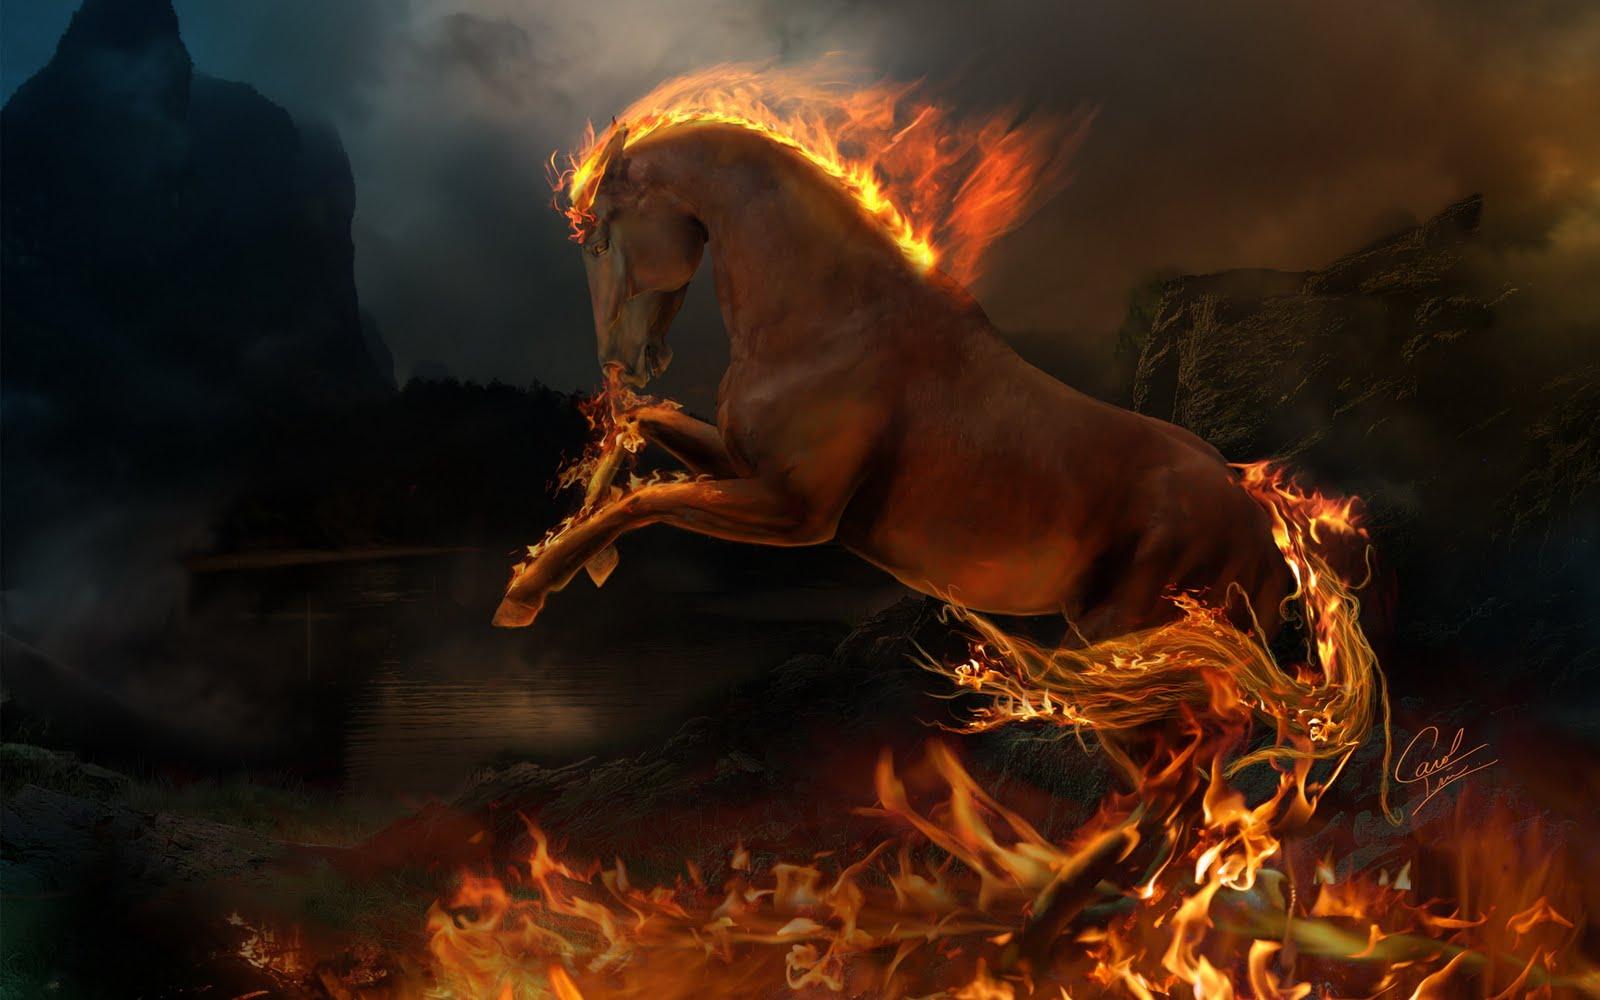 http://3.bp.blogspot.com/-KuHo2VcxVCQ/Tl2ArhQgeQI/AAAAAAAADfA/frQLmo5eoew/s1600/cavalo-de-fogo-imagens-imagem-de-fundo-wallpaper-para-pc-computador-tela-gratis-ambiente-de-trabalho.jpg